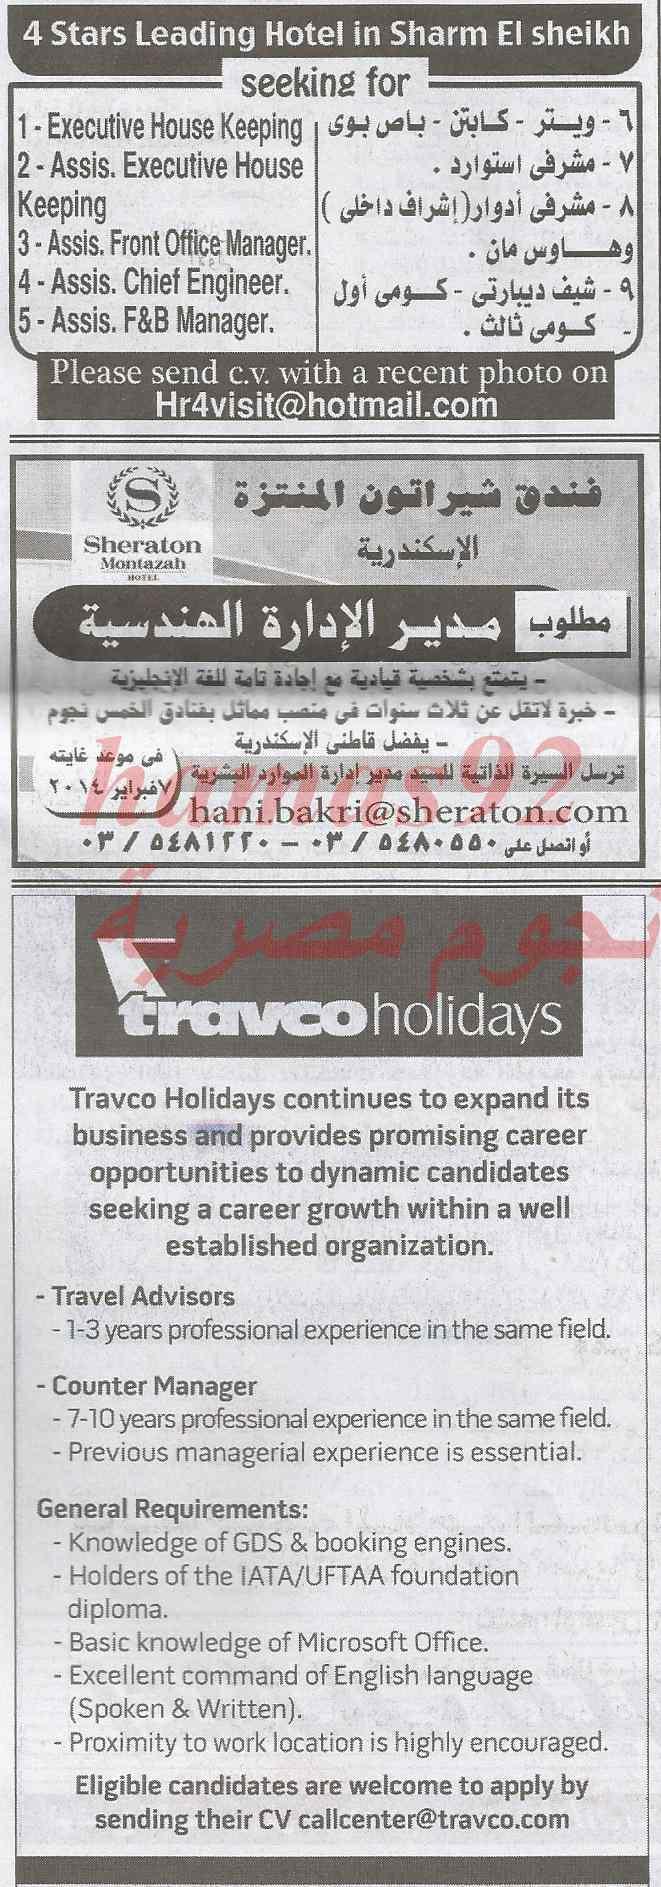 وظائف جريدة الاهرام اليوم الجمعة 31-1-2014 , وظائف خالية اليوم 31 يناير 2014